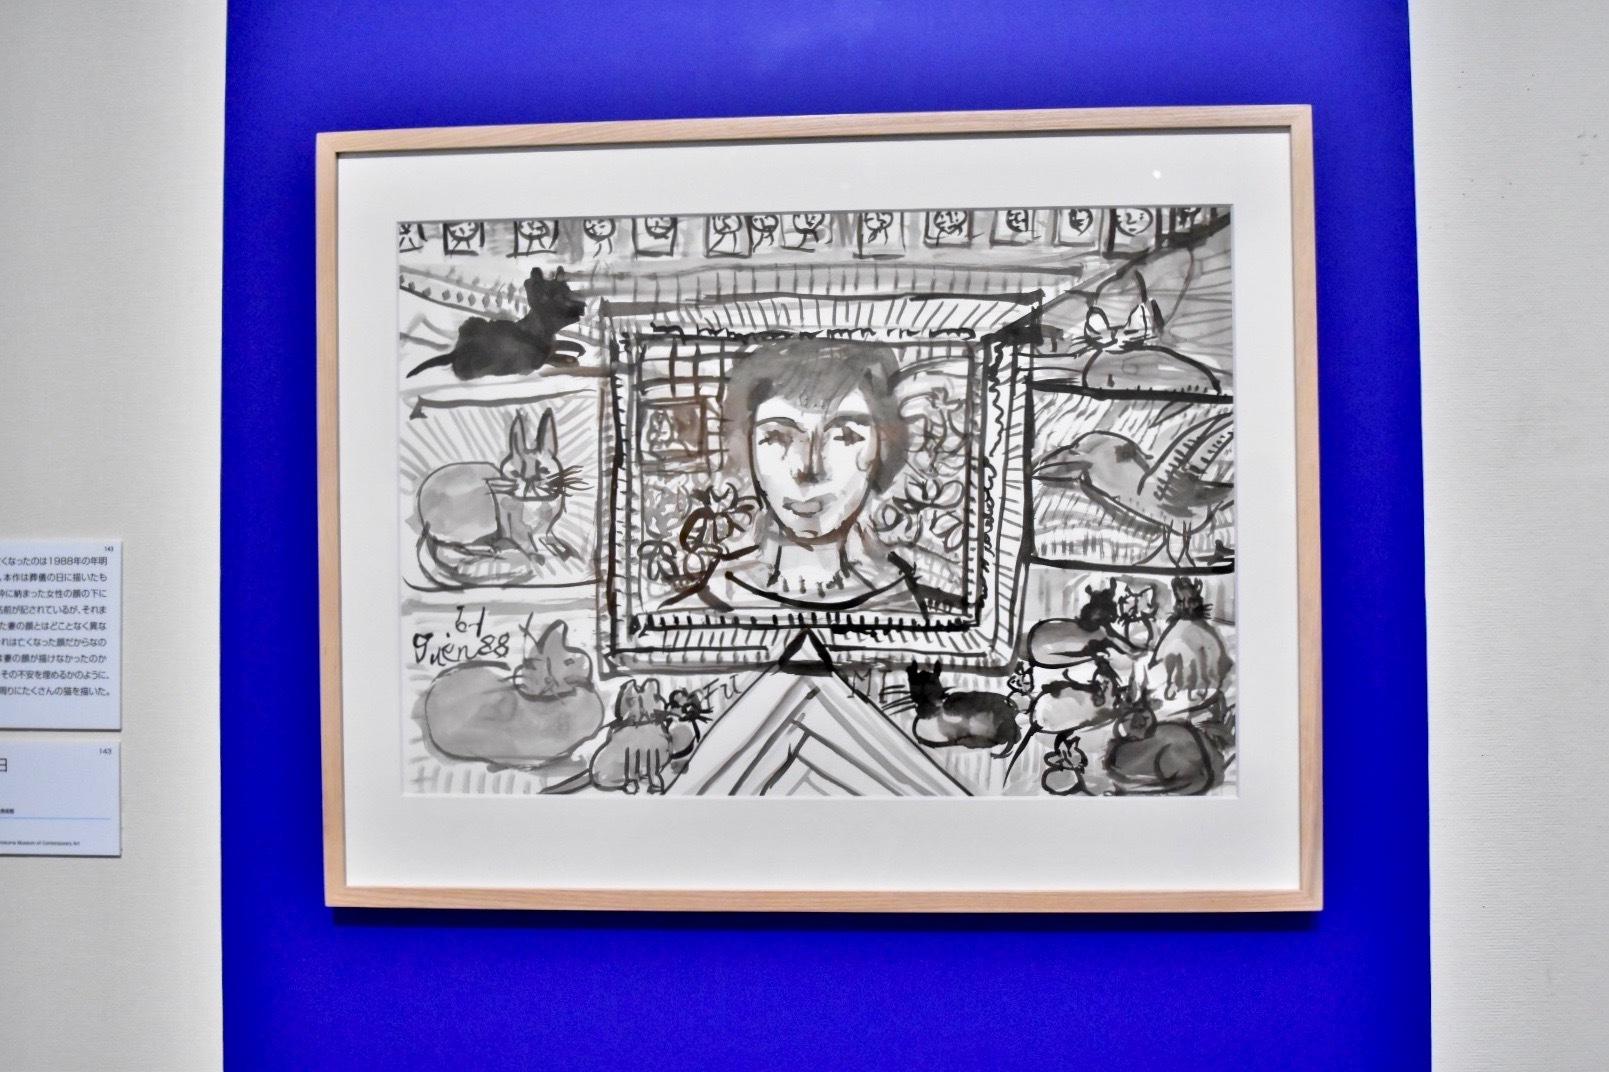 猪熊弦一郎 1988年 丸亀市猪熊弦一郎現代美術館